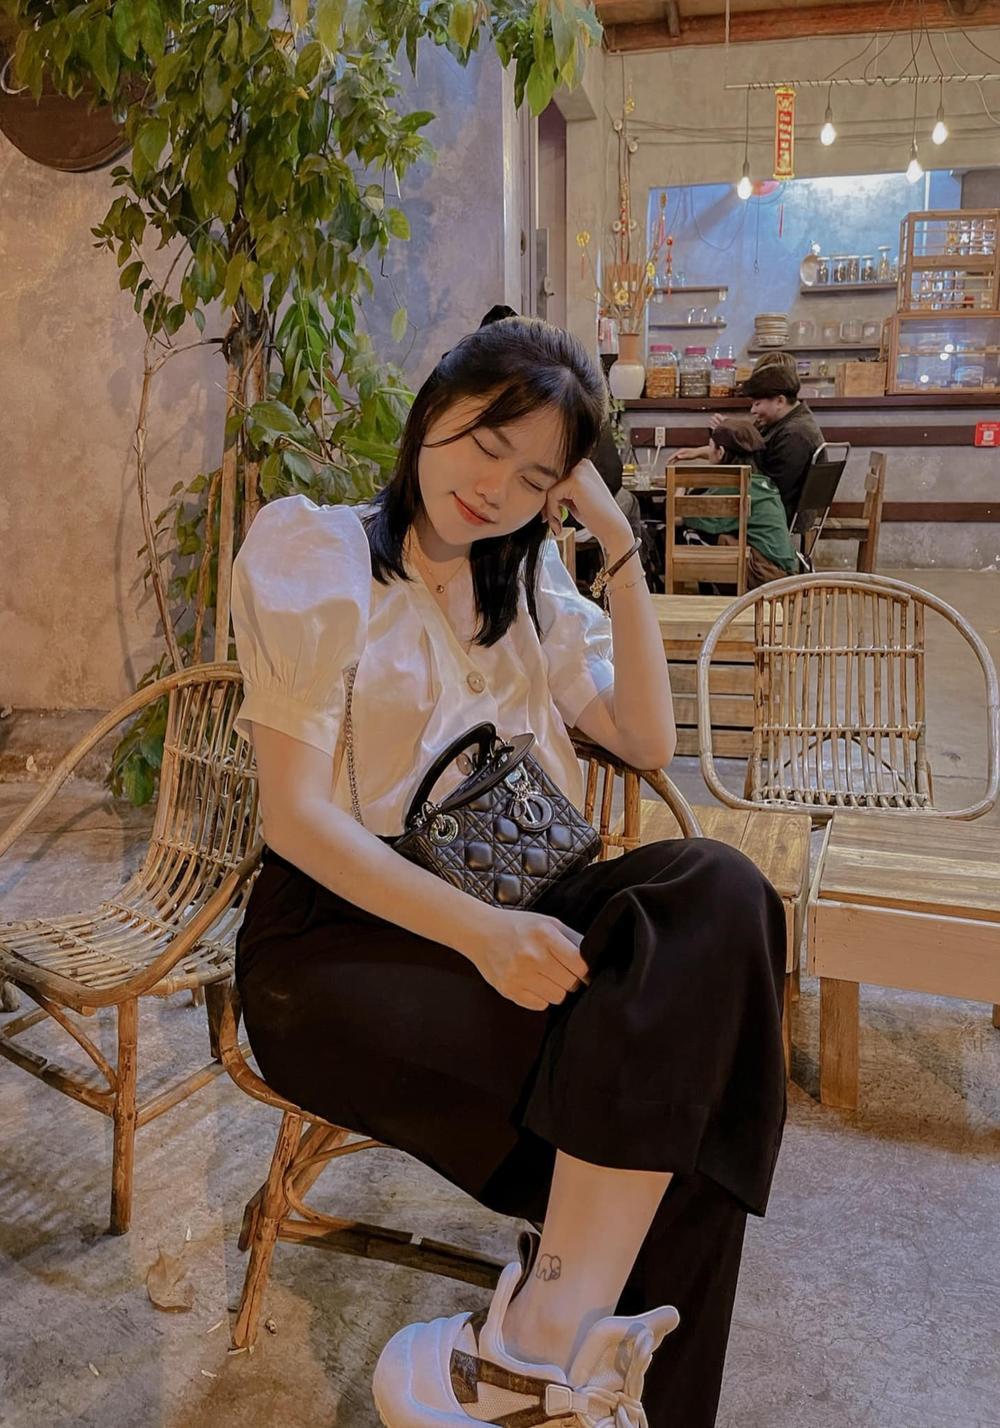 Huỳnh Anh- bạn gái cũ Quang Hải cấp tốc giảm cân bằng thực đơn không ai ngờ Ảnh 5